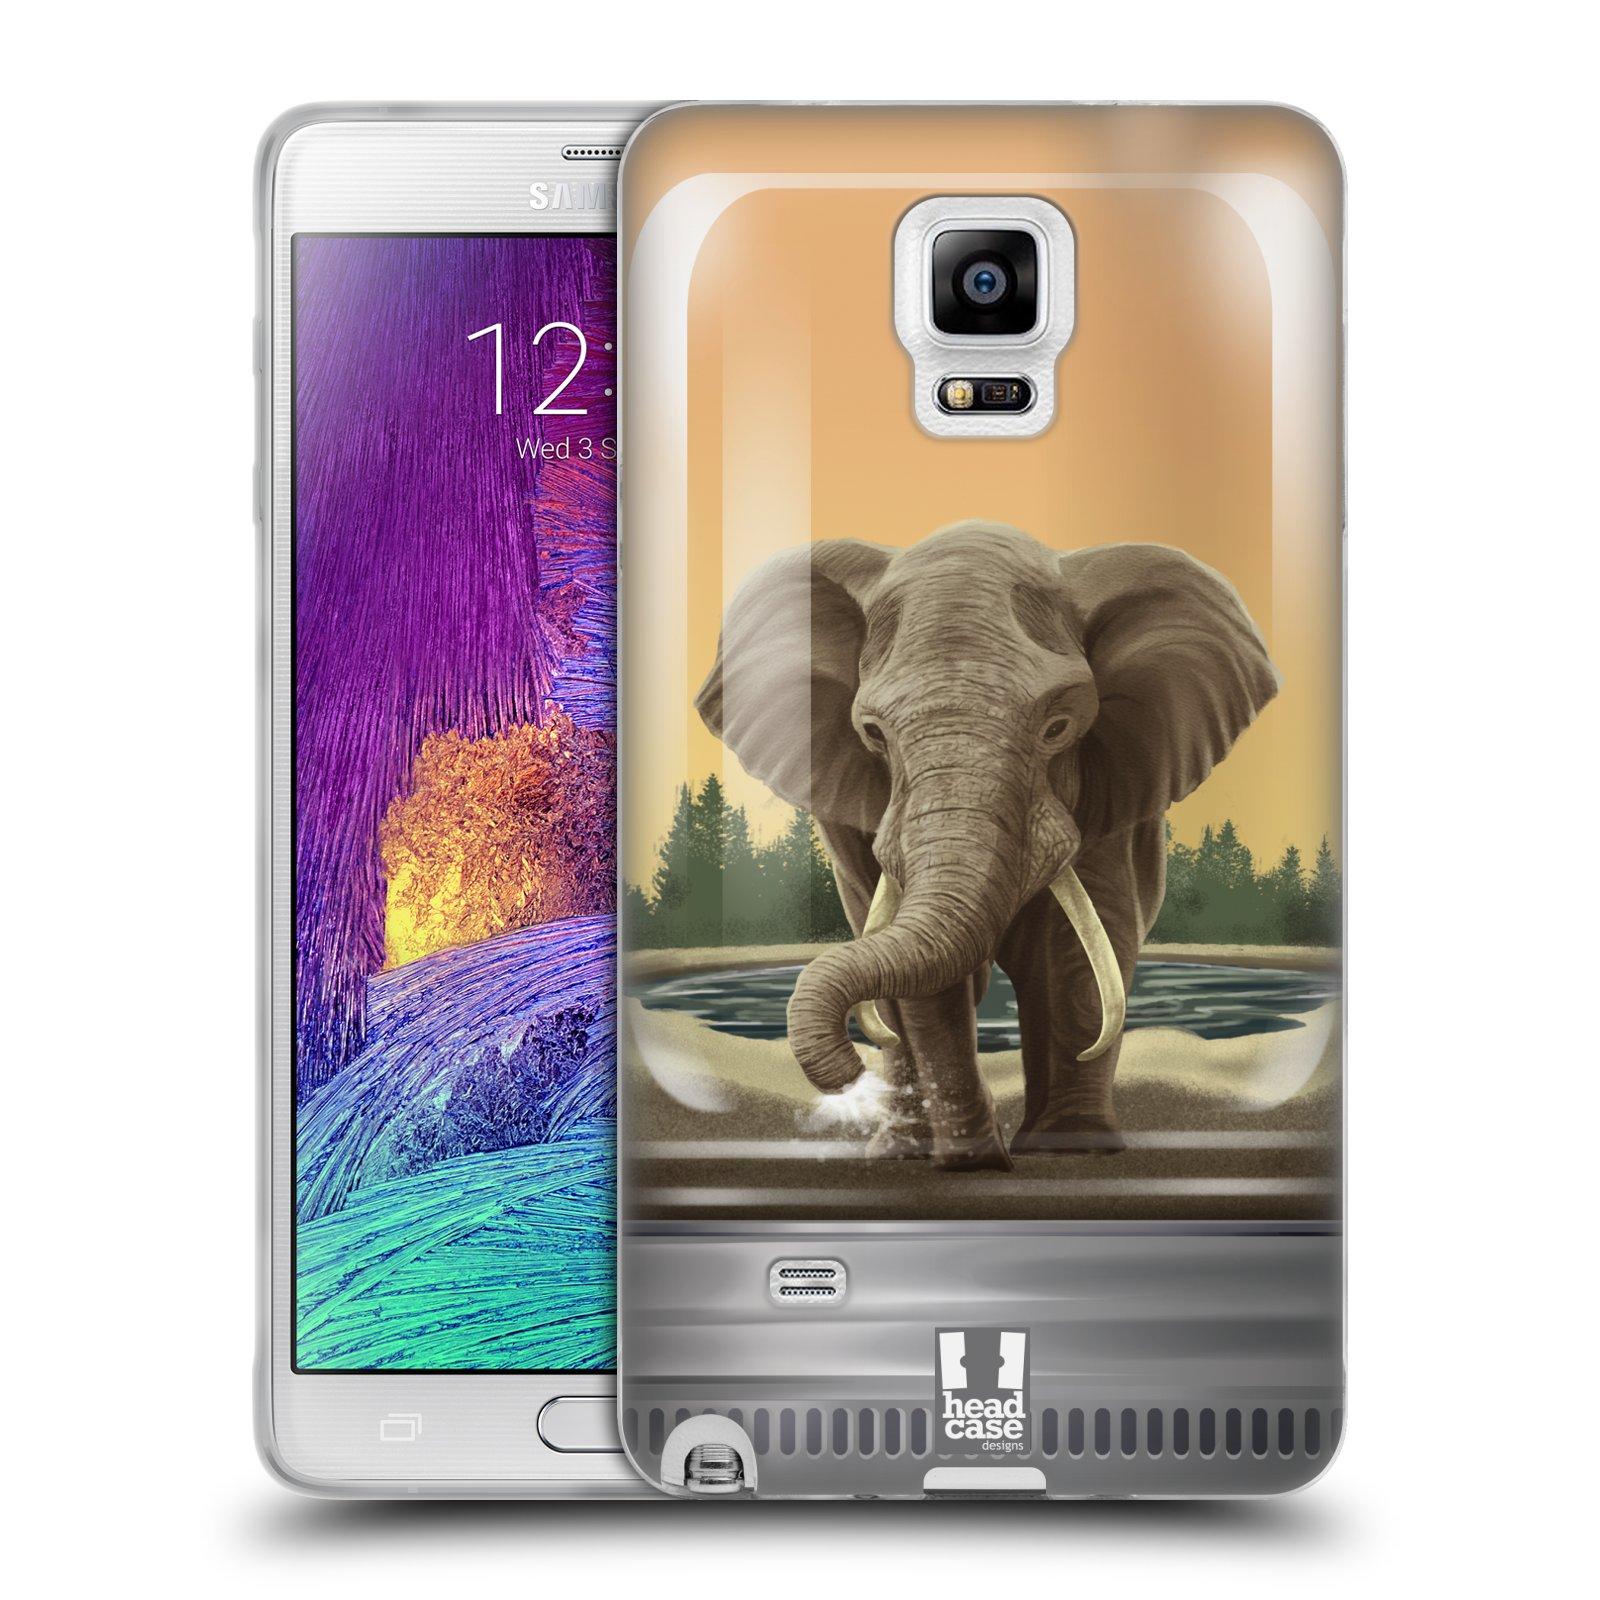 HEAD CASE silikonový obal na mobil Samsung Galaxy Note 4 (N910) vzor Zvířátka v těžítku slon